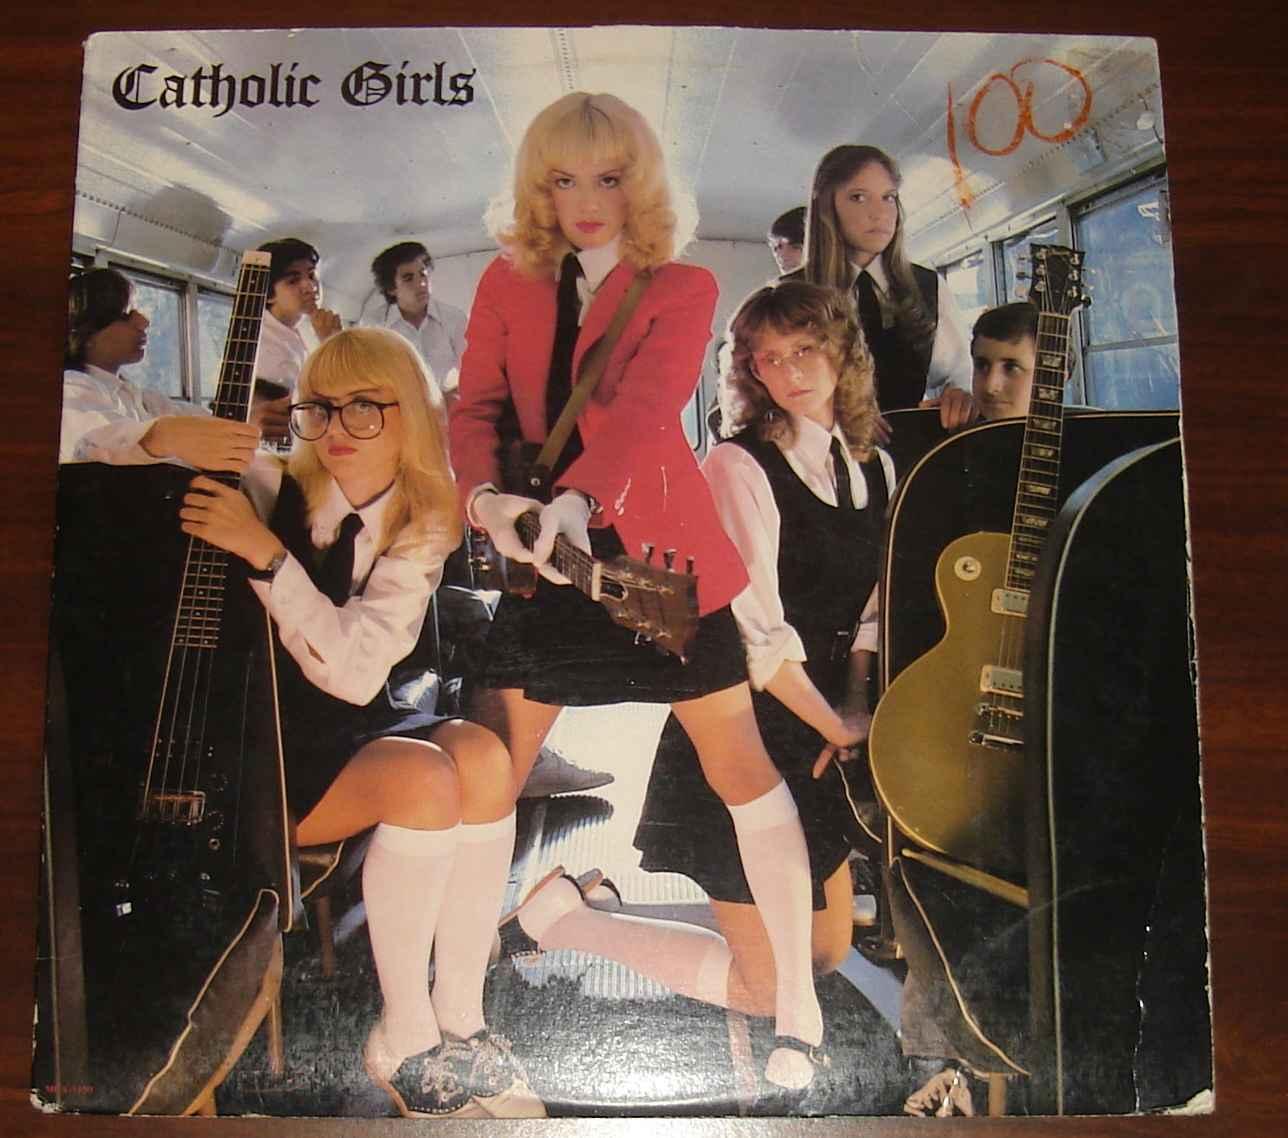 The Catholic Girls.